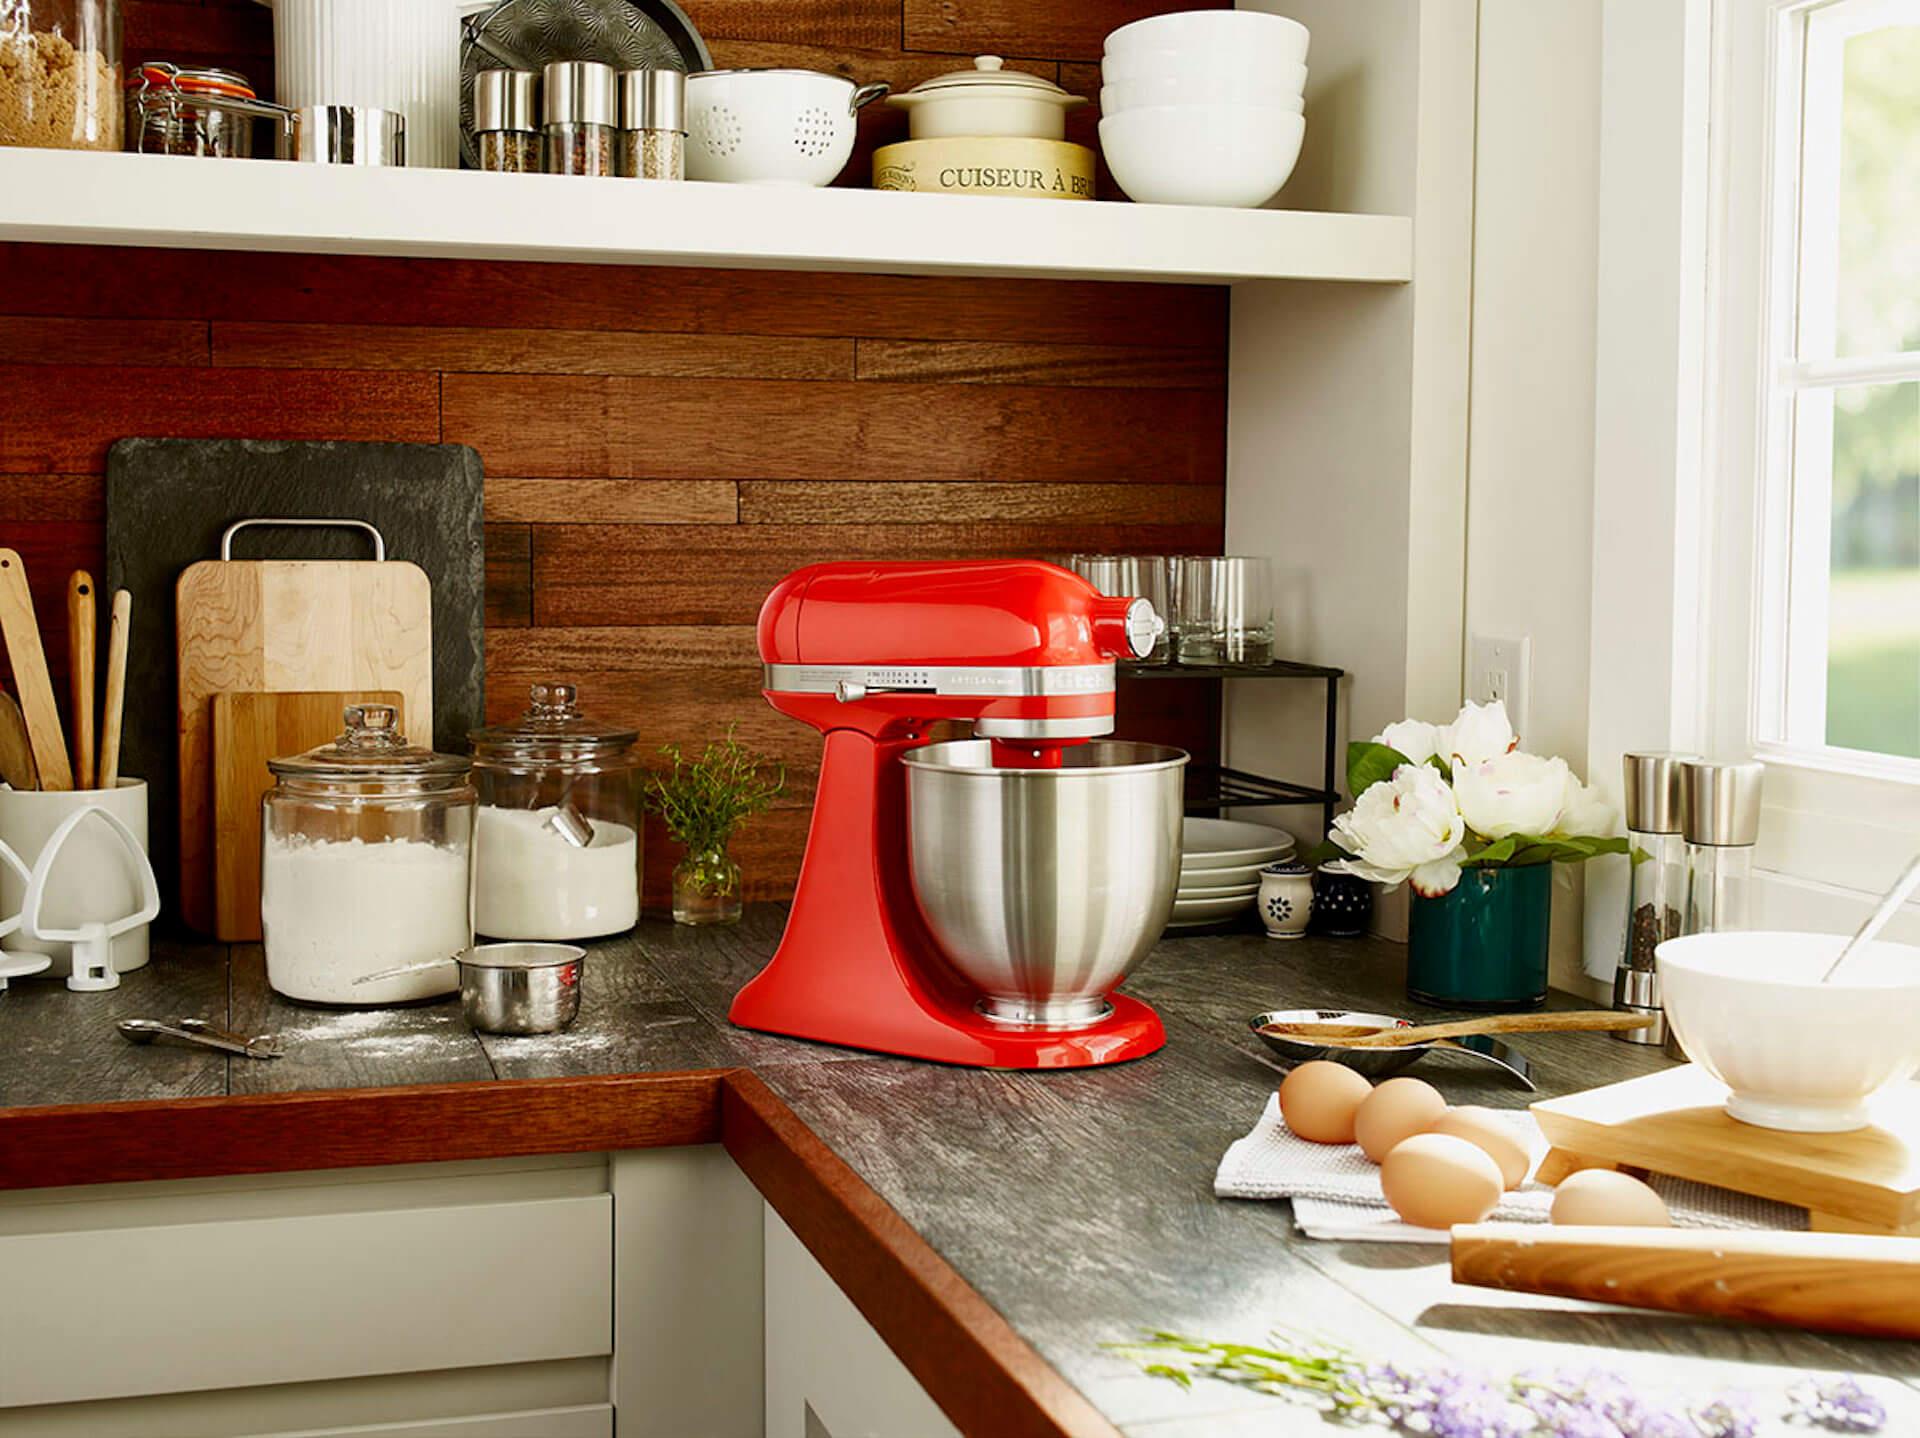 料理研究家・有元葉子氏に聞く、見た目も美しい話題のキッチンツール6選 gourmet201127_mondoalfa_kitchen_6_main